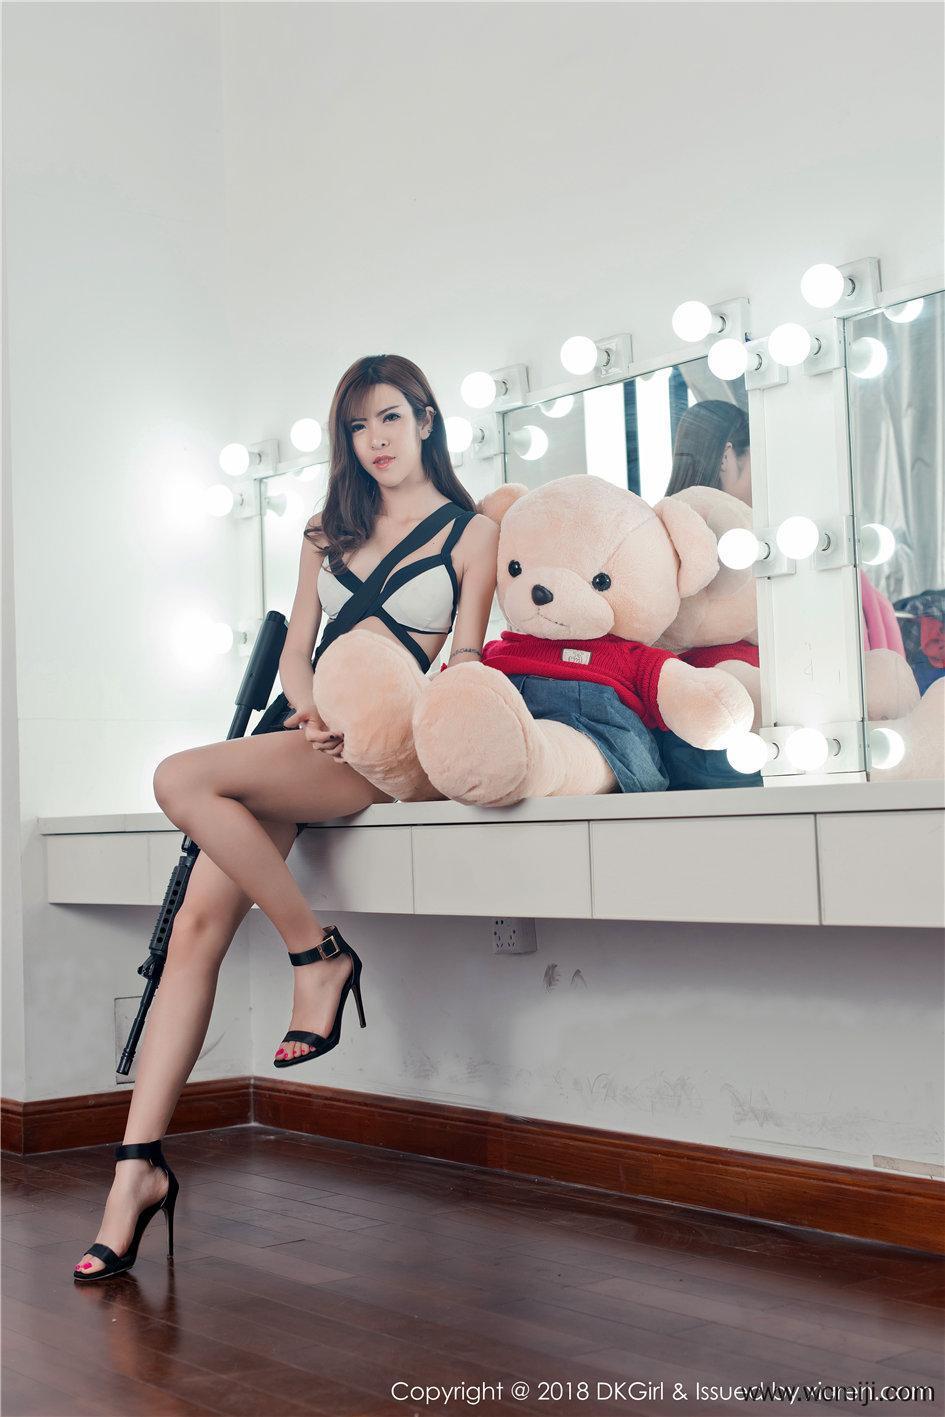 【御女郎】【蔡乐儿】 名模蔡乐儿情趣装内衣户外狂野写真超清 Vol.065【50P】 COS